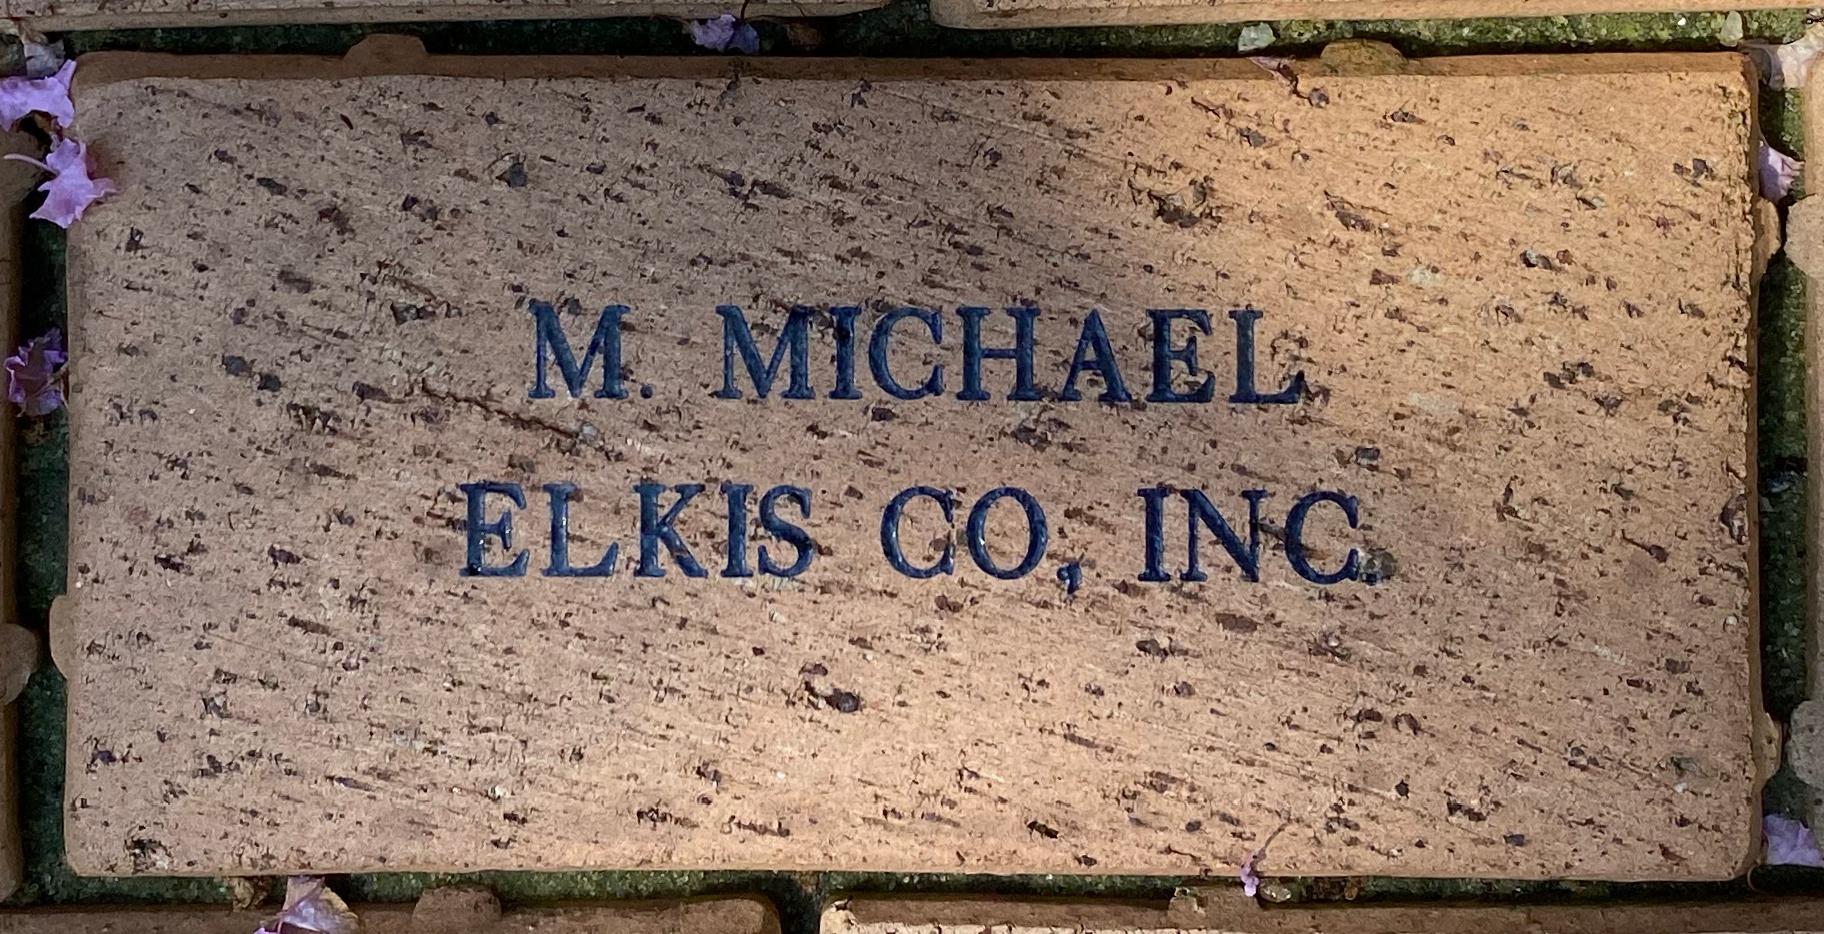 M MICHAEL ELKIS CO, INC